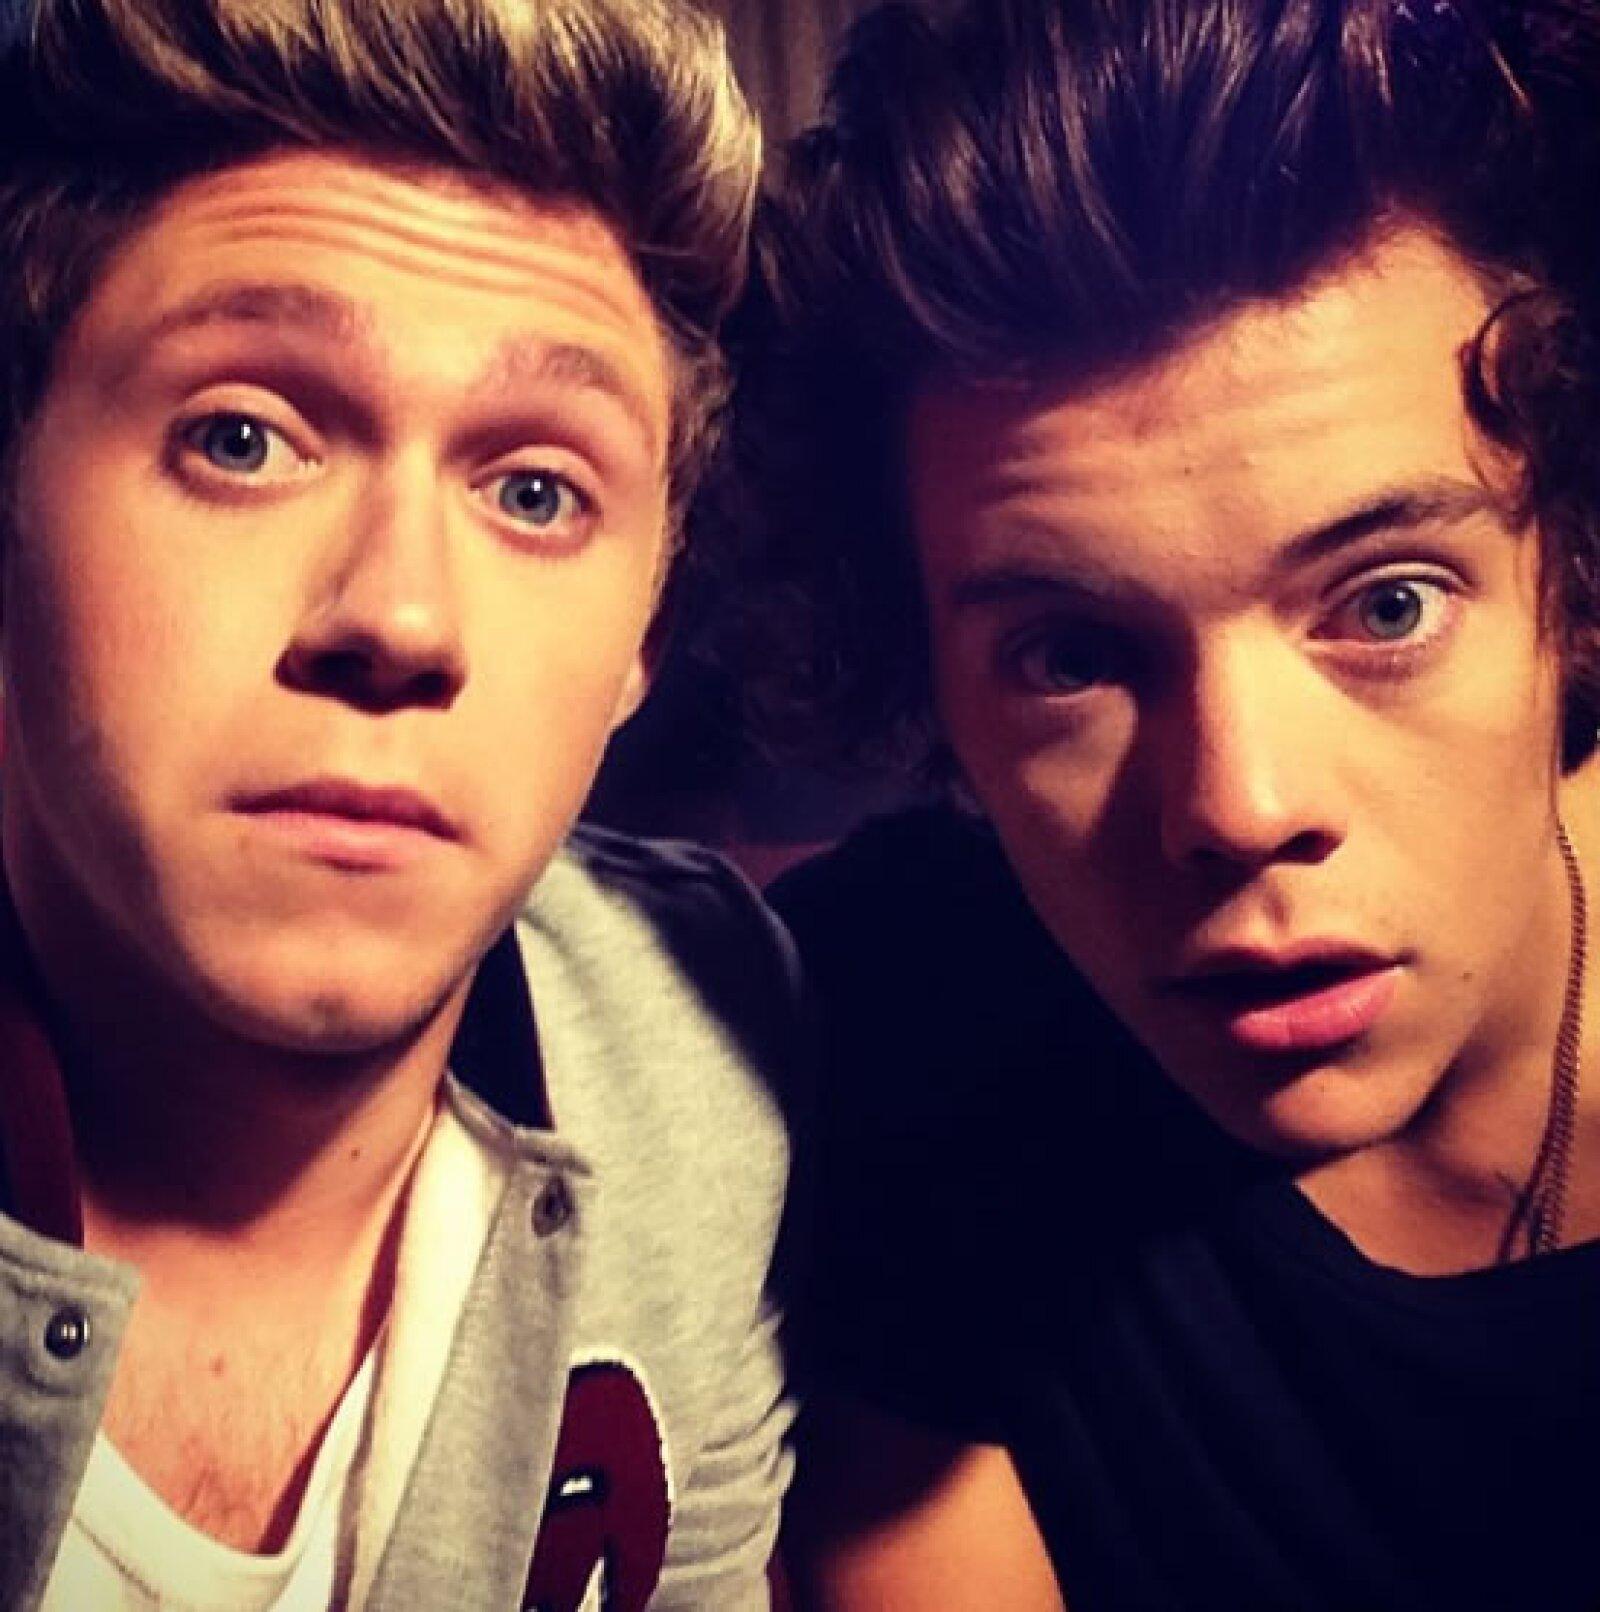 Además de Harry Styles, es uno de los miembros de su grupo más populares. Tiene más de 14 millones de seguidores en Twitter.